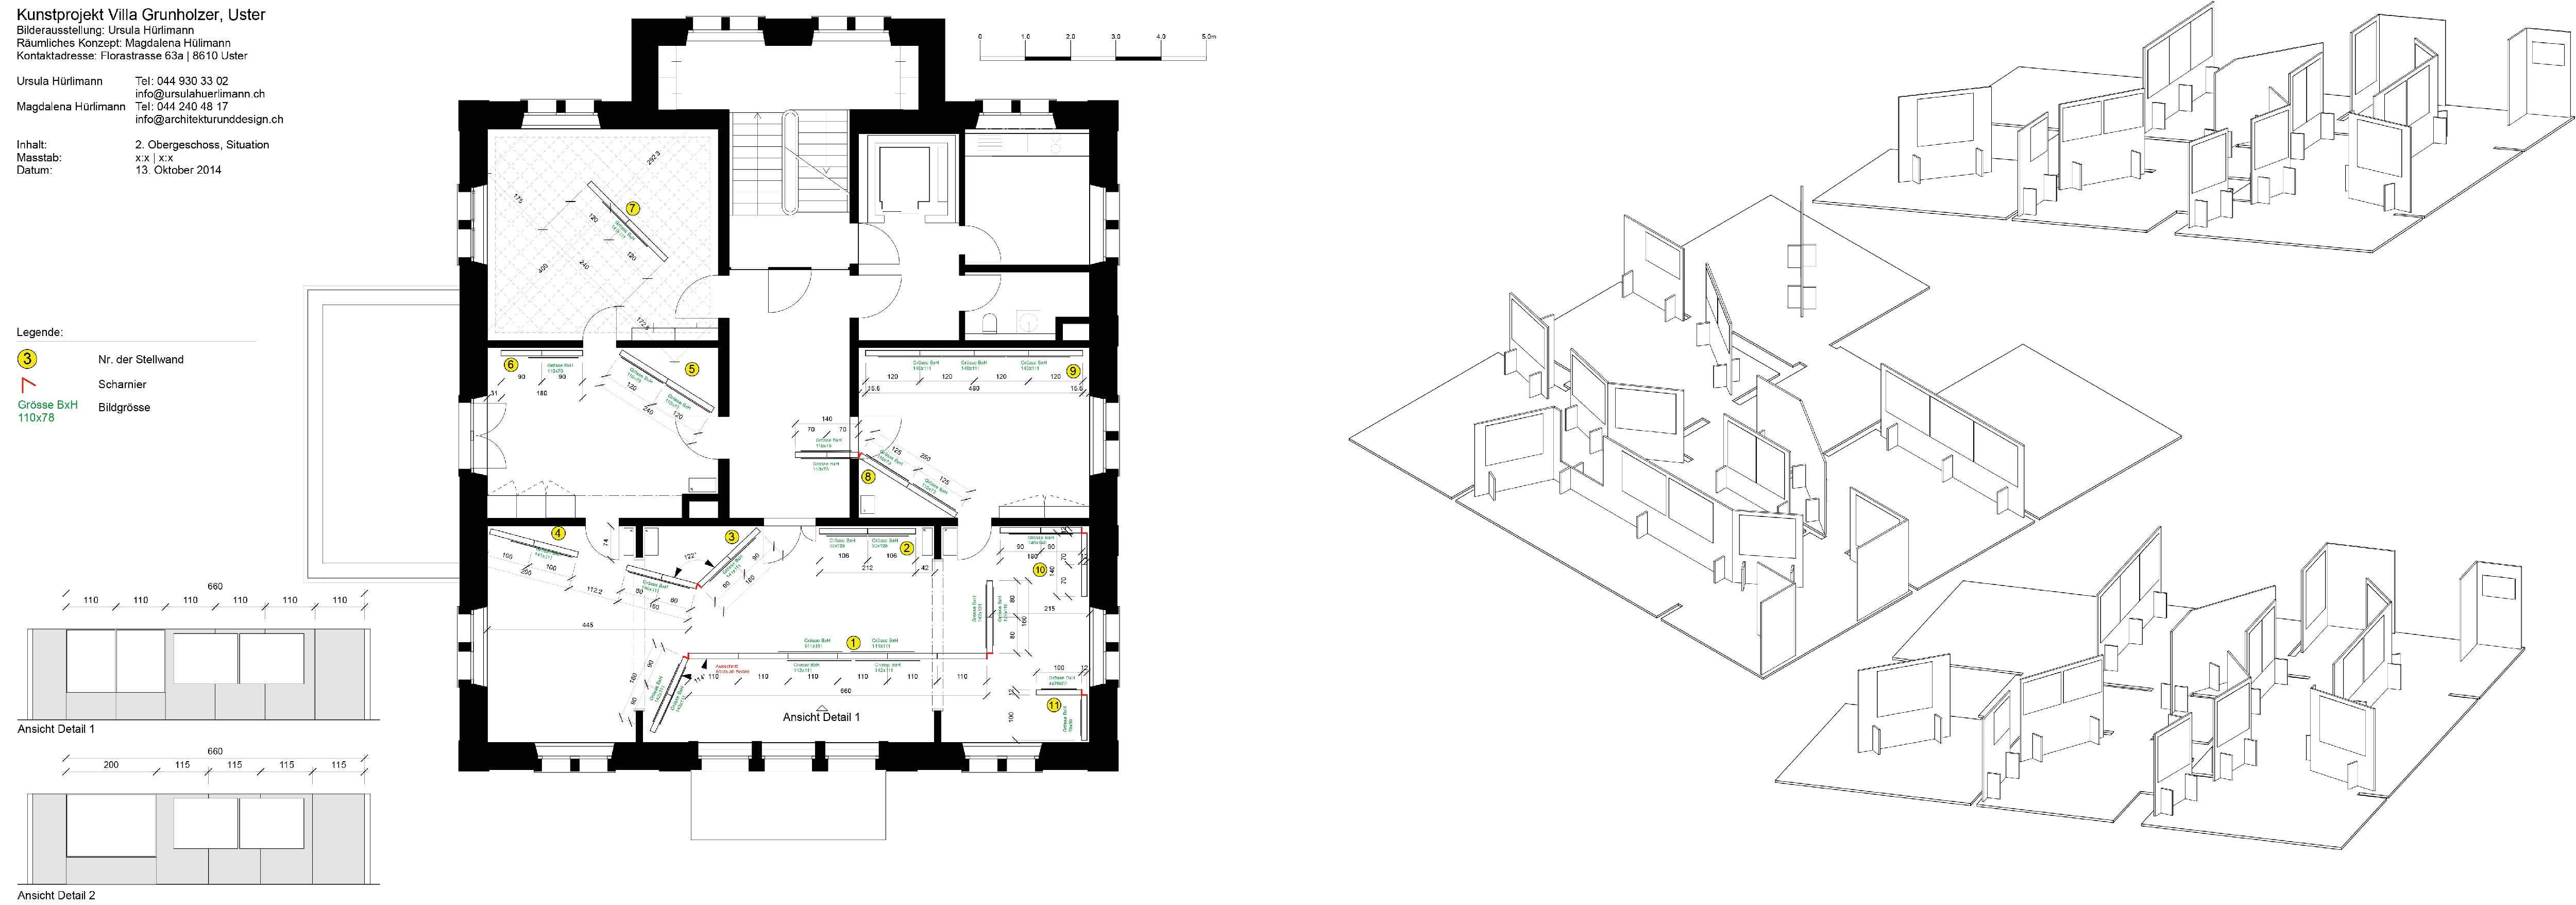 ausstellung galerie architektur und design. Black Bedroom Furniture Sets. Home Design Ideas